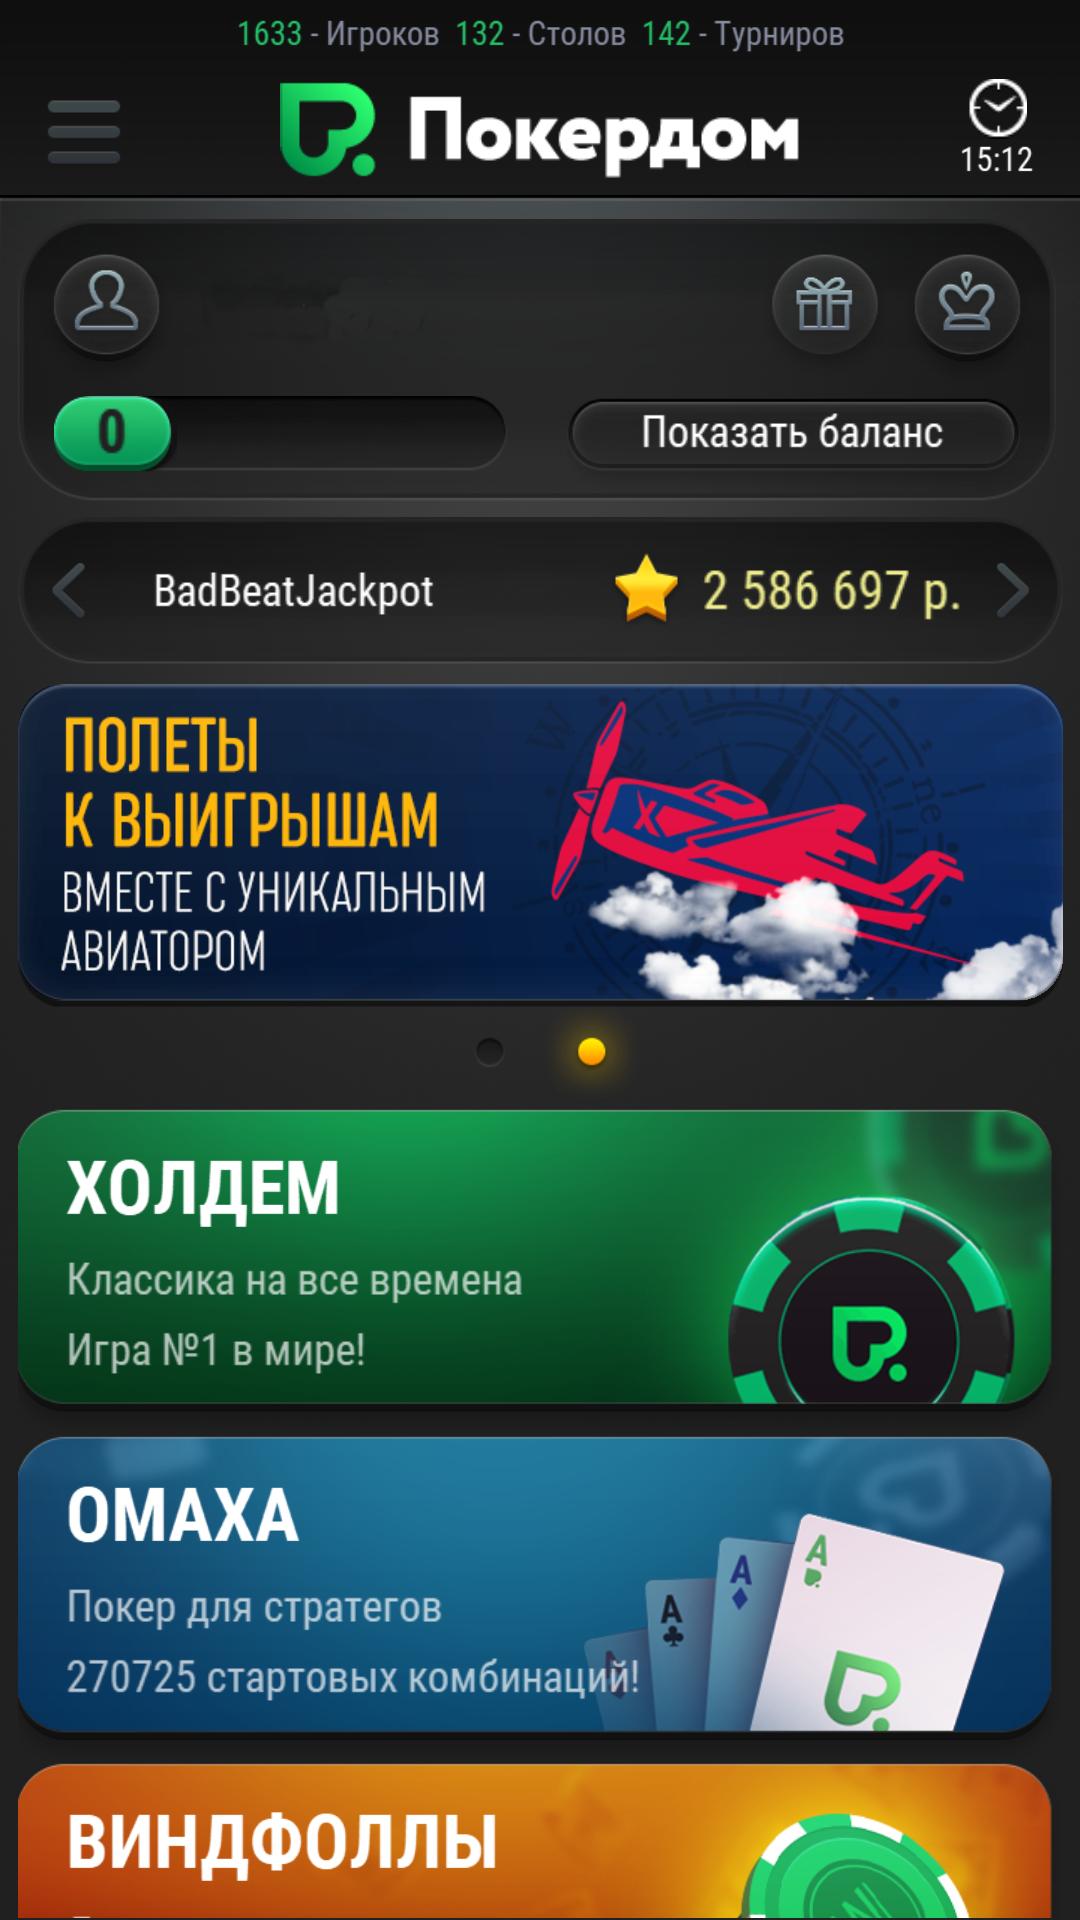 Функционал мобильного клиента ПокерДом